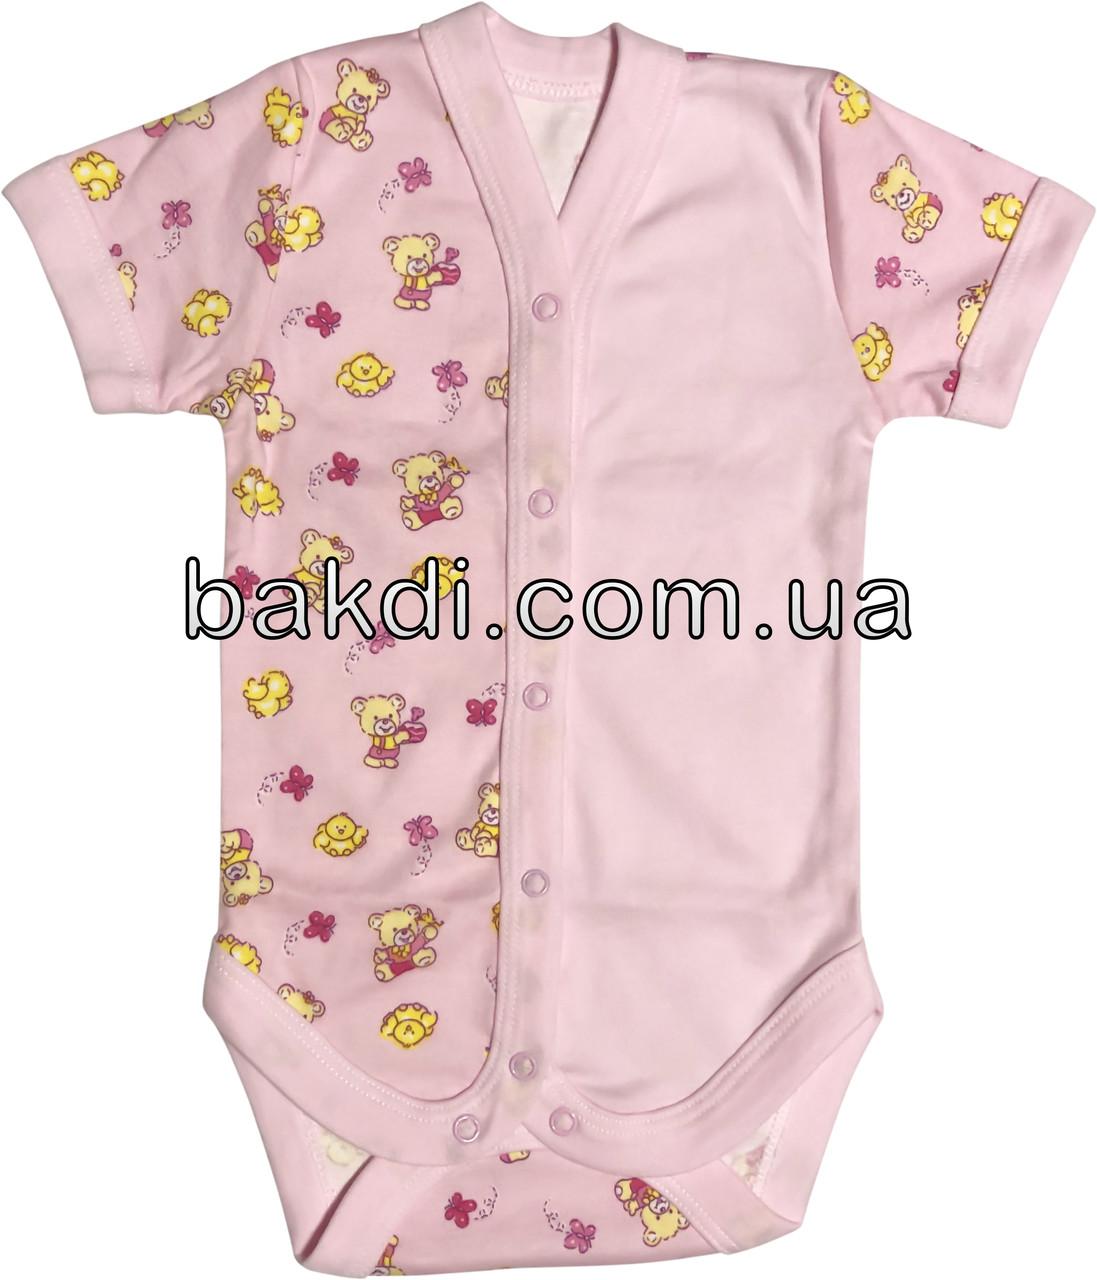 Дитяче літнє тонке боді зростання 56 0-2 міс інтерлок рожевий на дівчинку бодік з коротким рукавом літо для